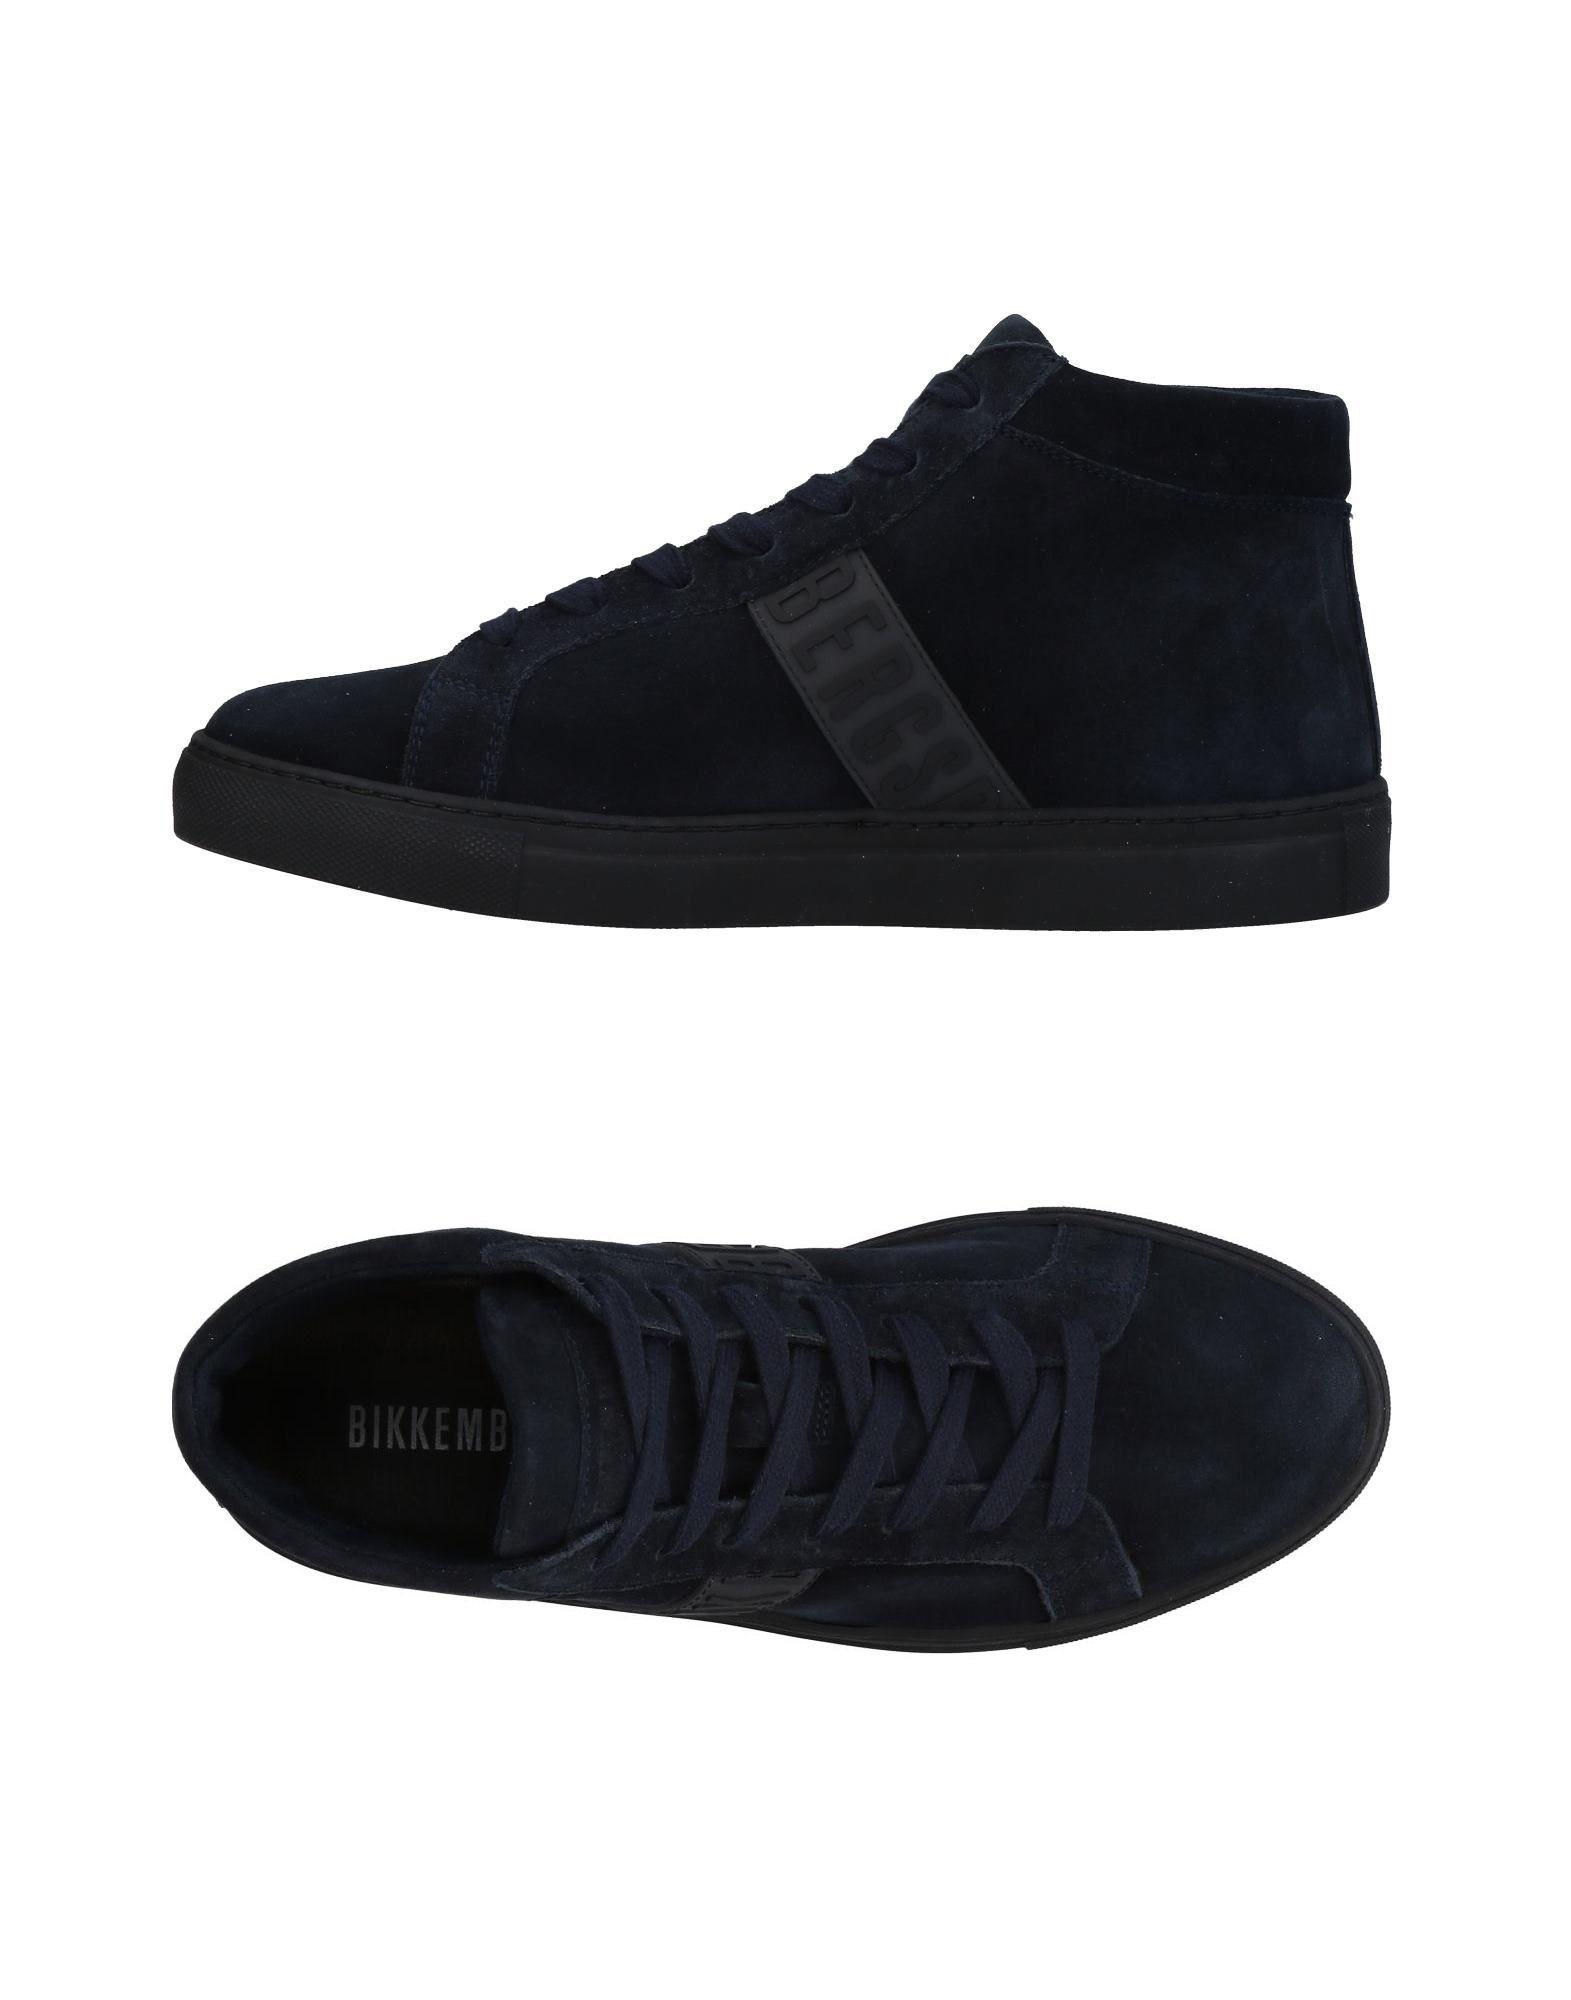 Bikkembergs Sneakers Herren  11450594ON